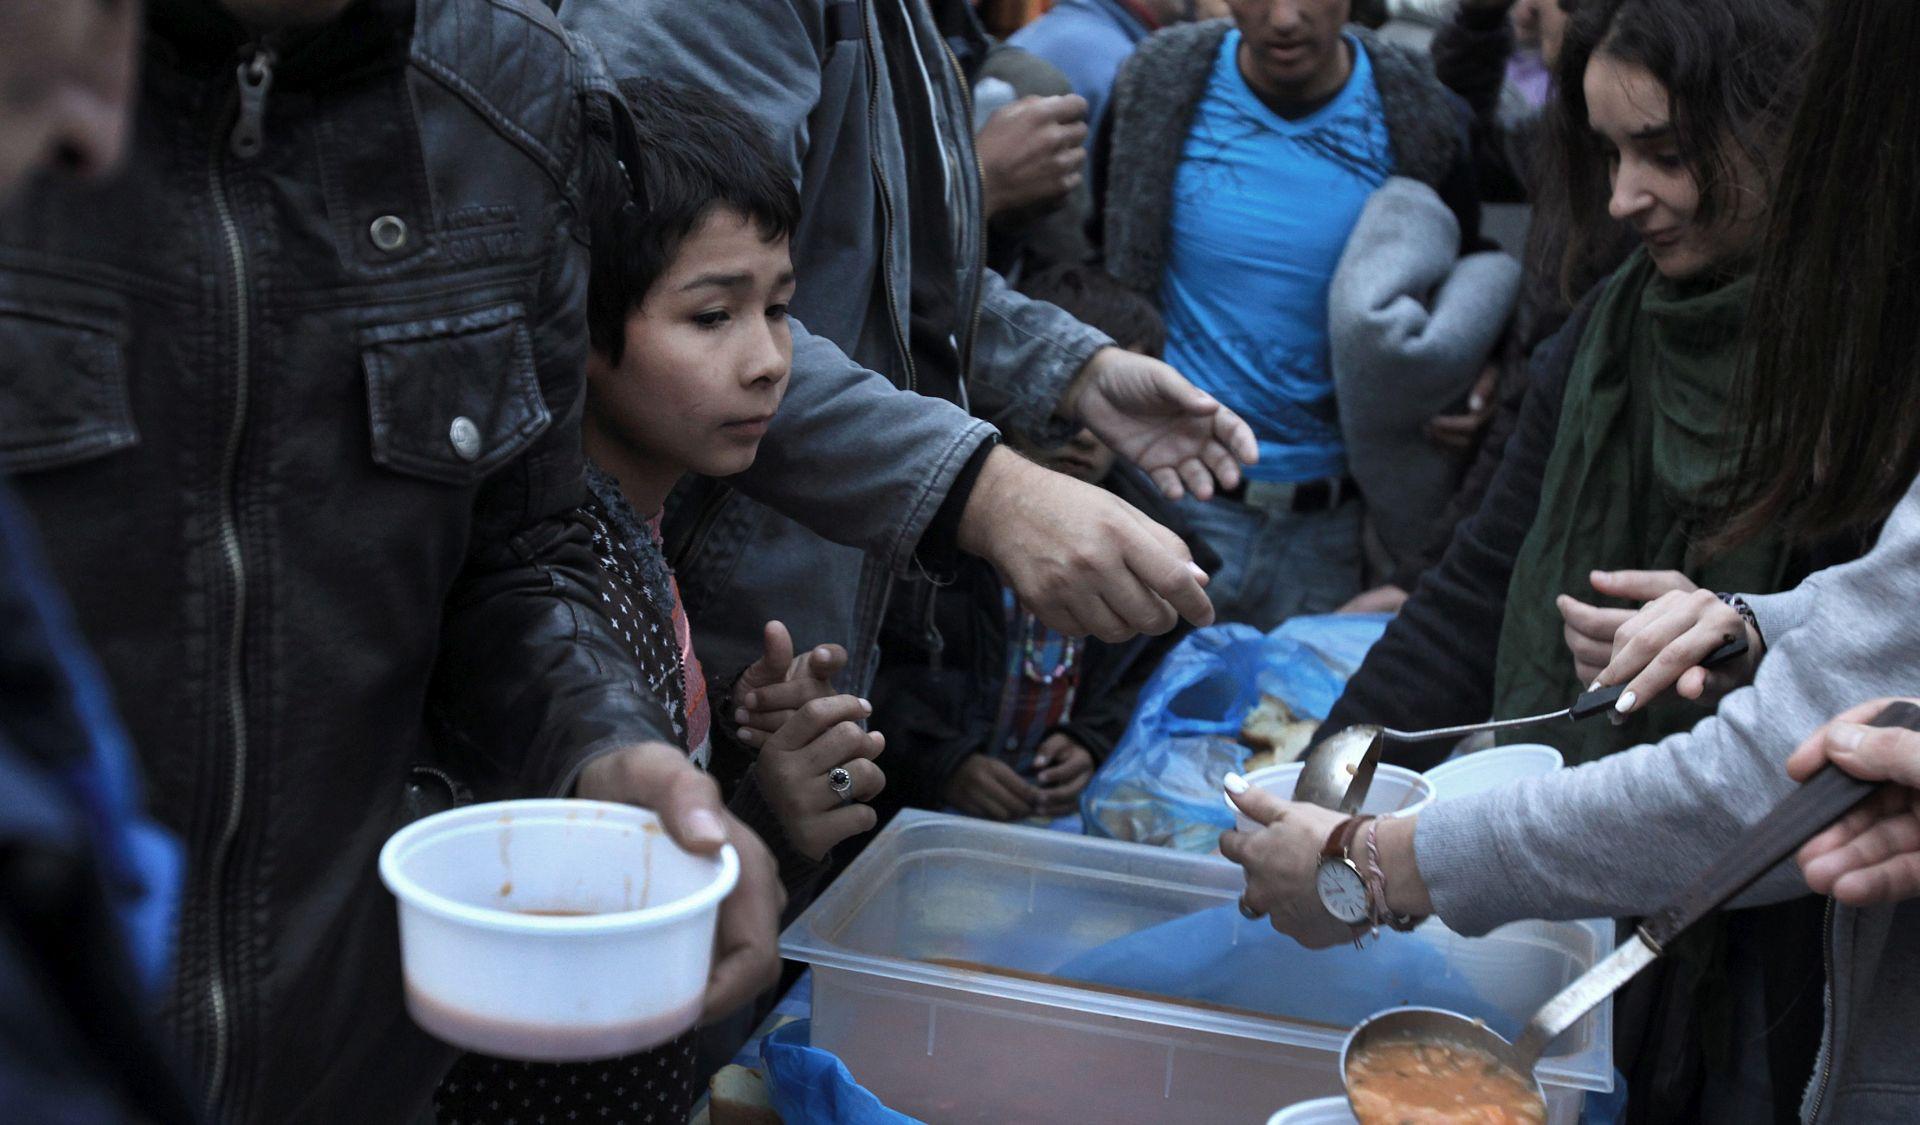 Grčka provela prvu relokaciju izbjeglica u Luksemburg